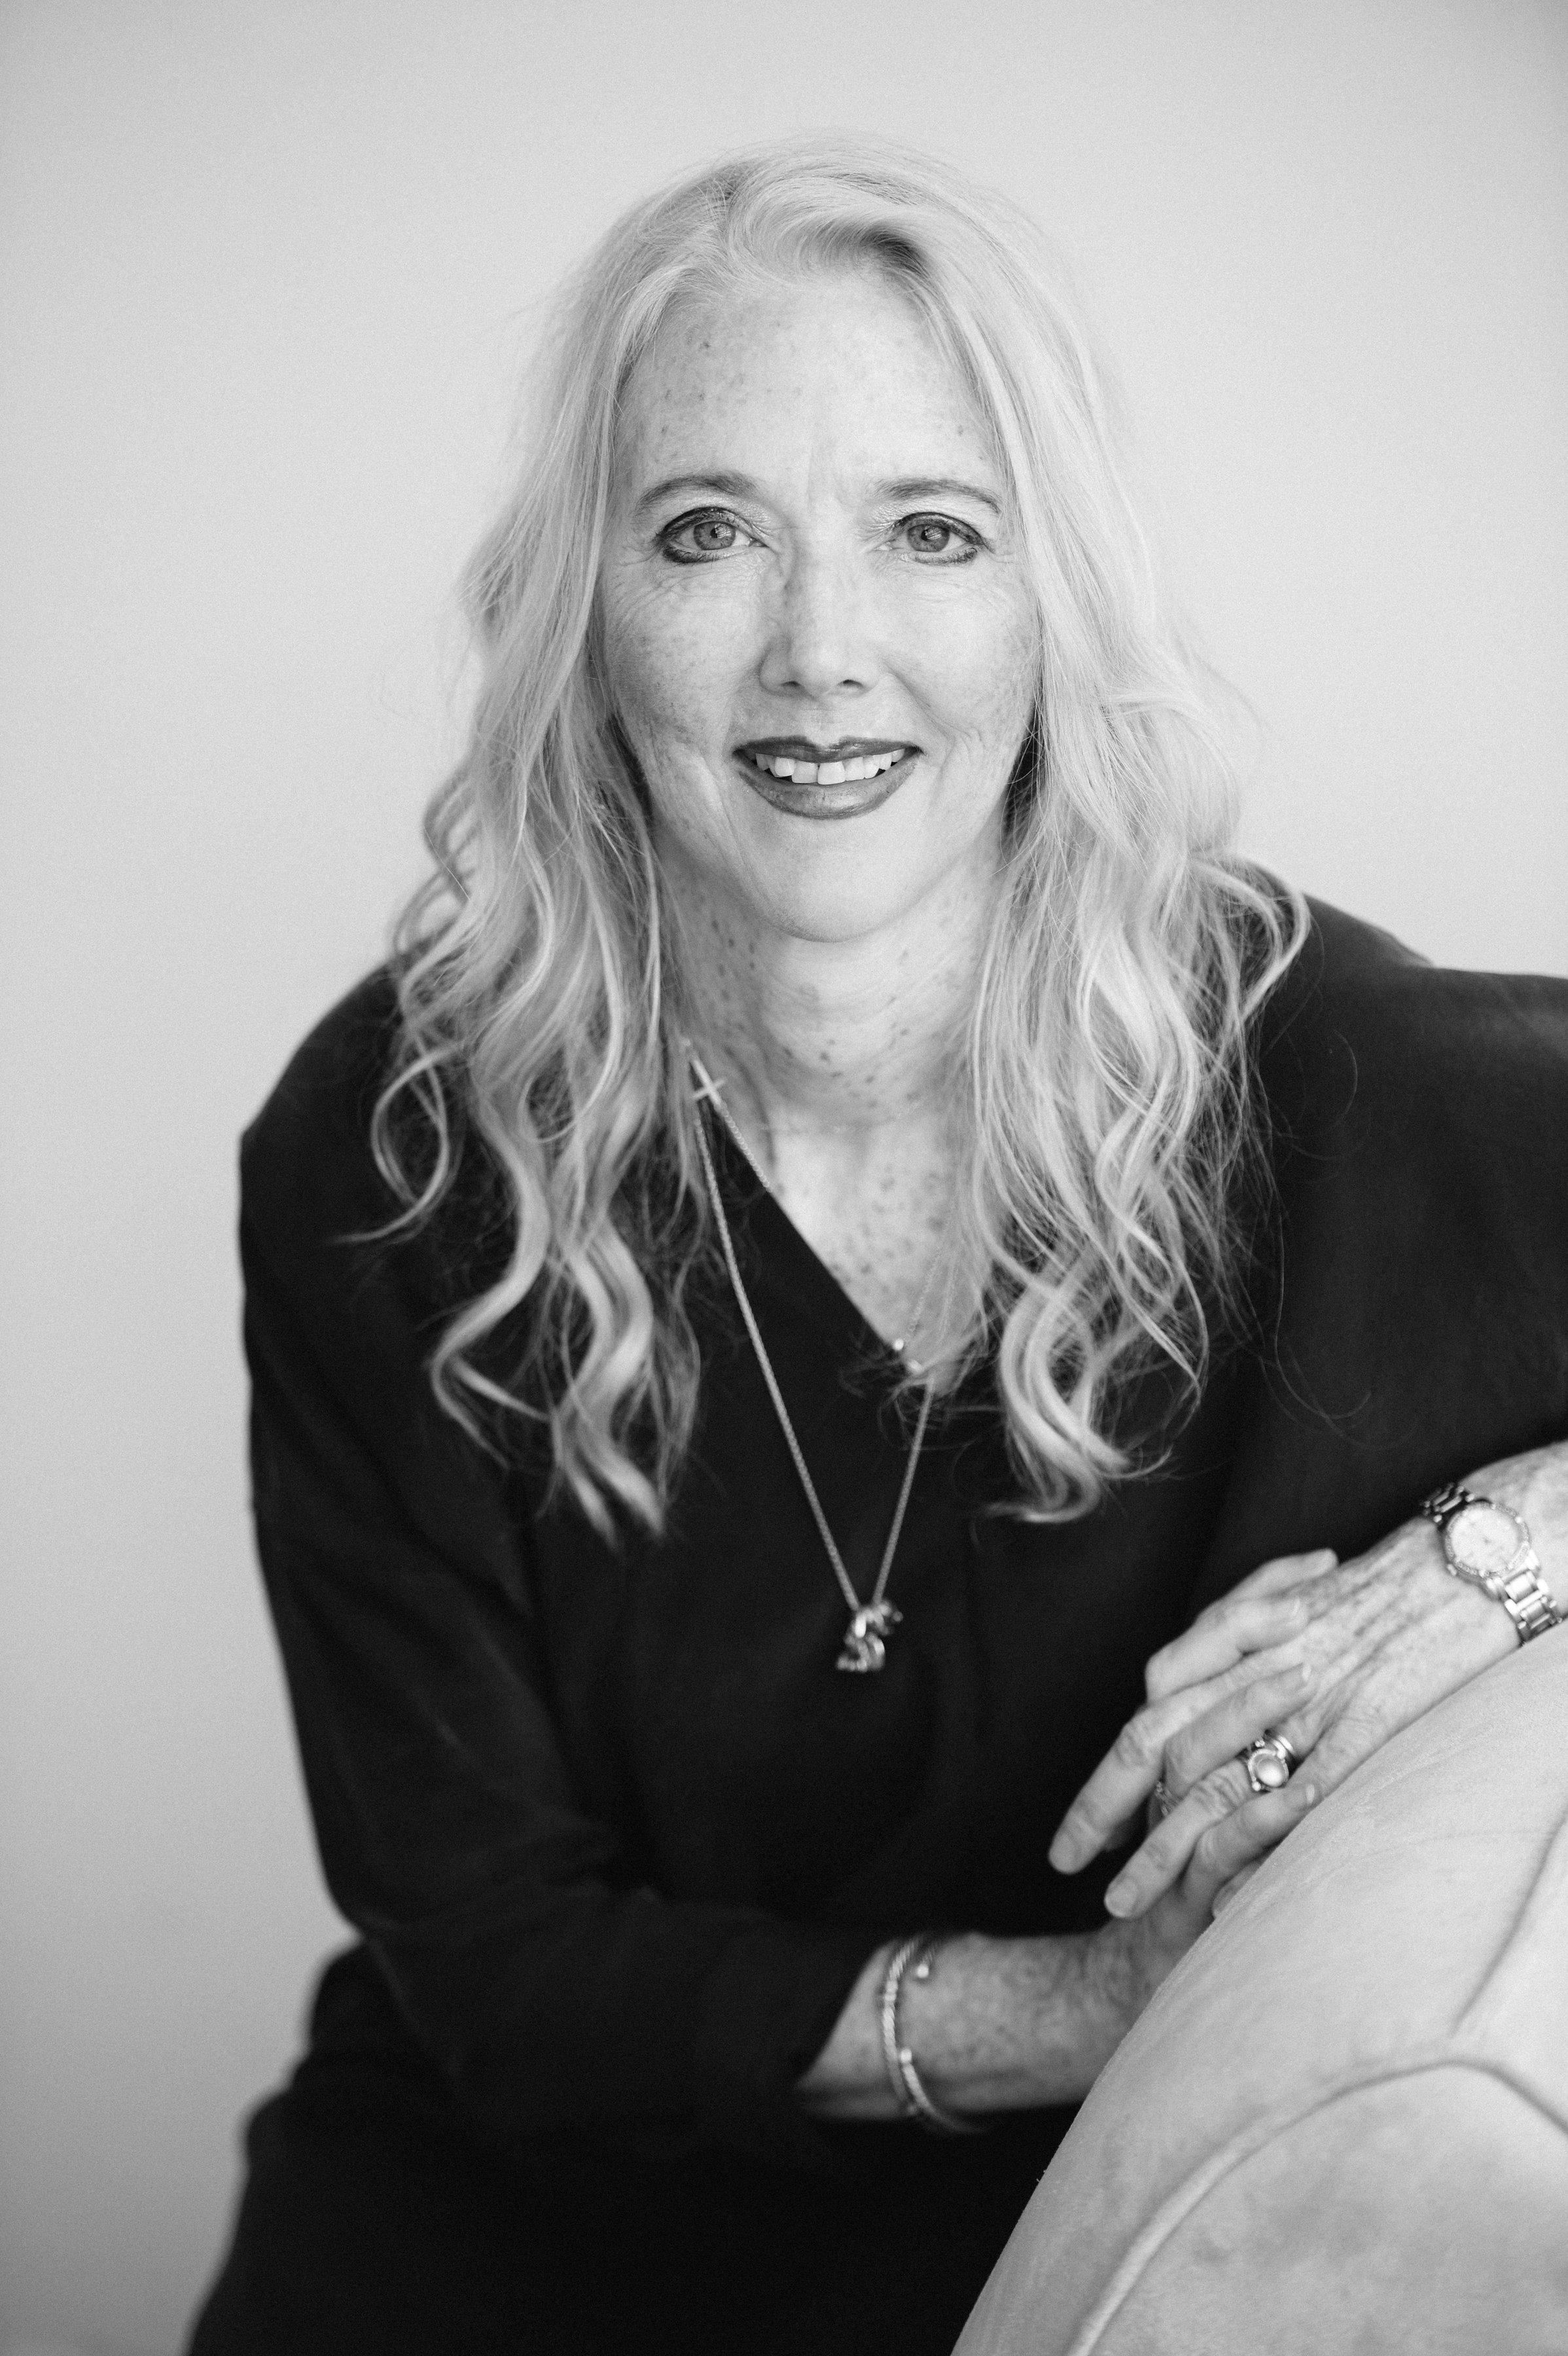 Lisa Russ Spaar